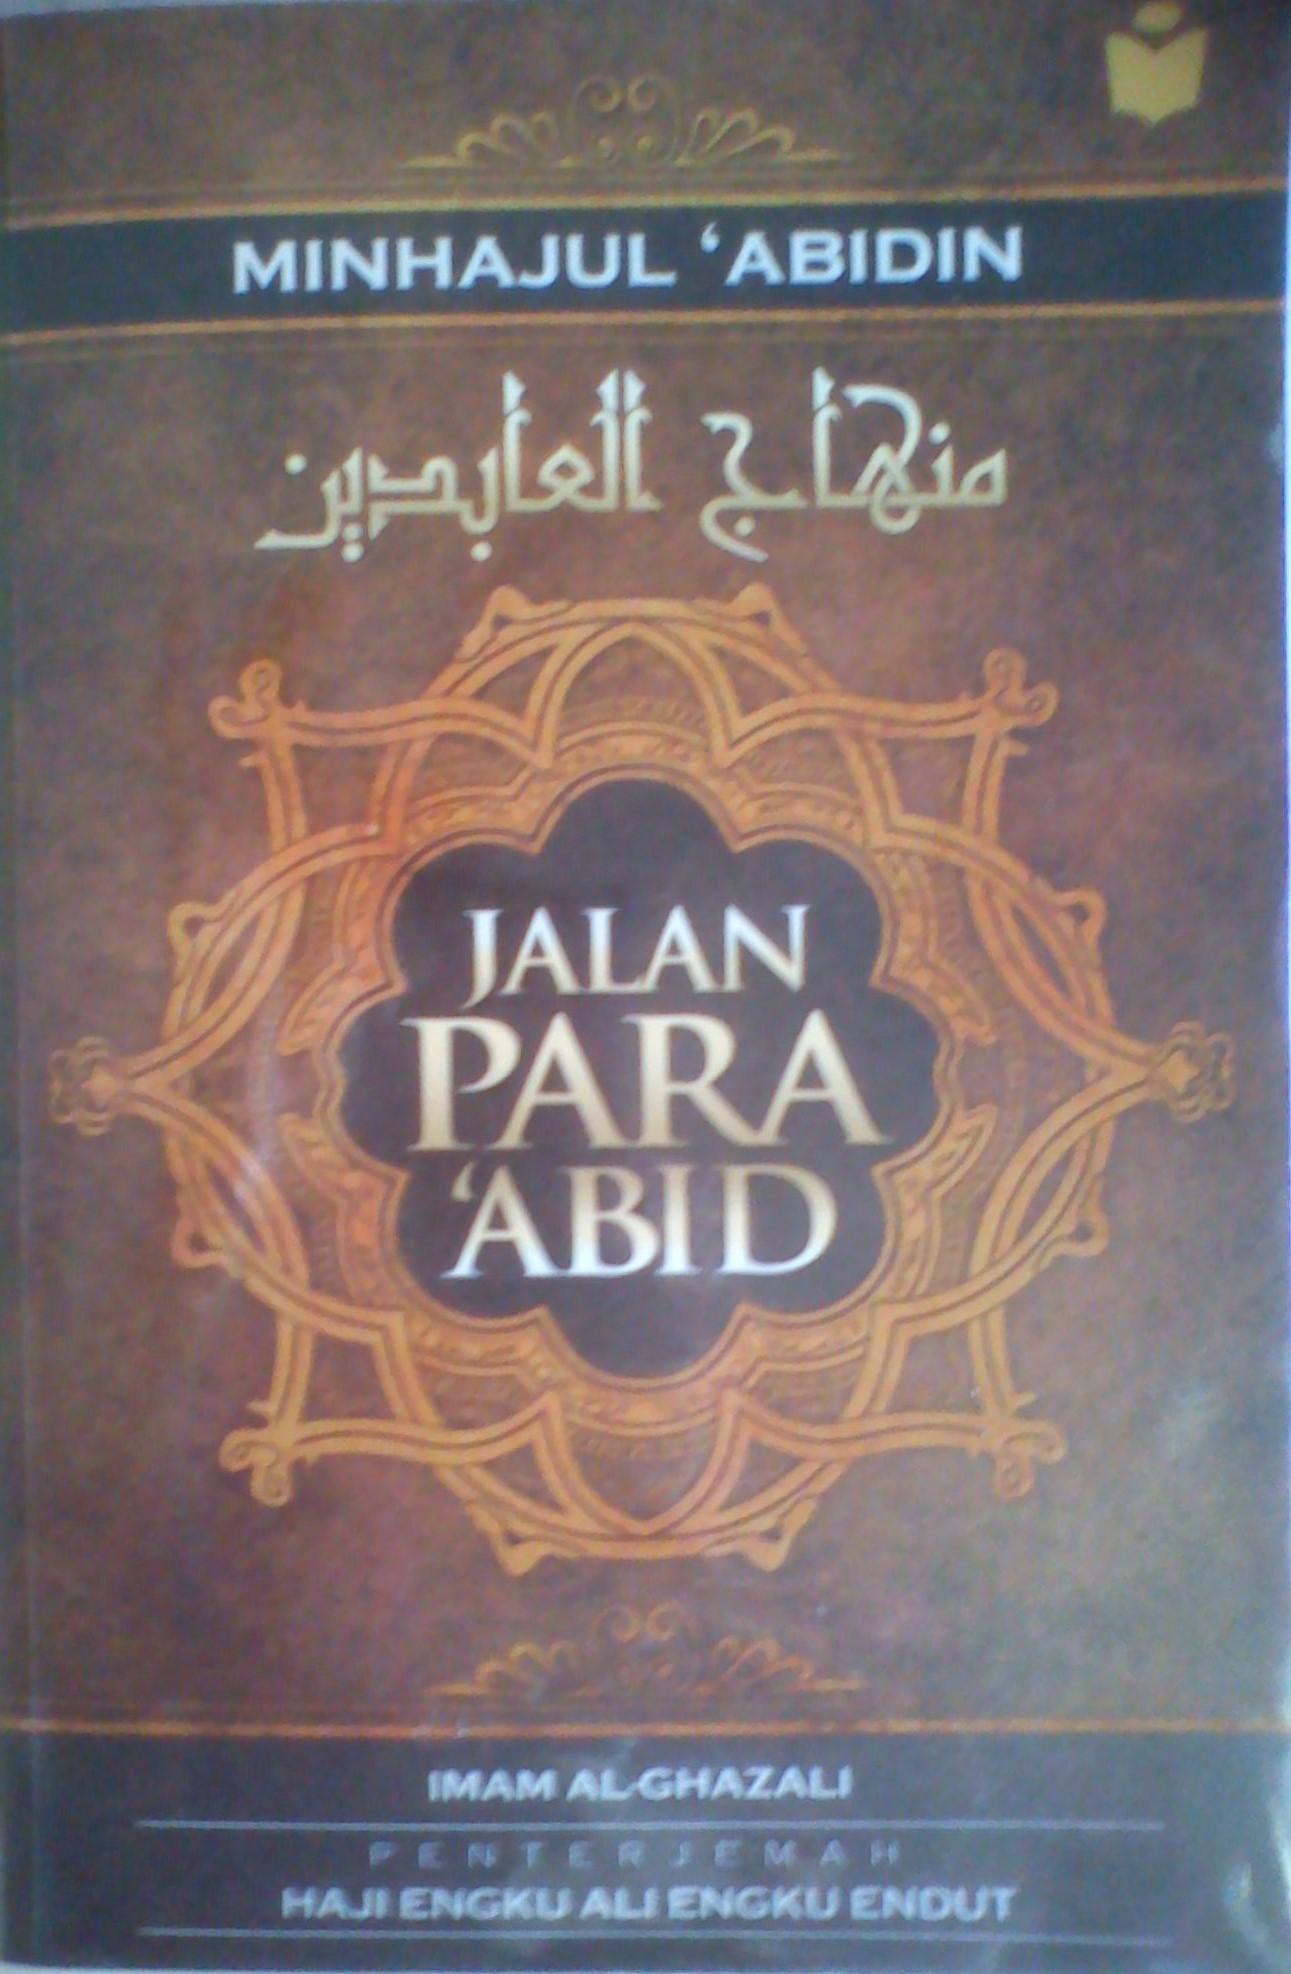 Mulai Baca Kitab MinhajulAbidin